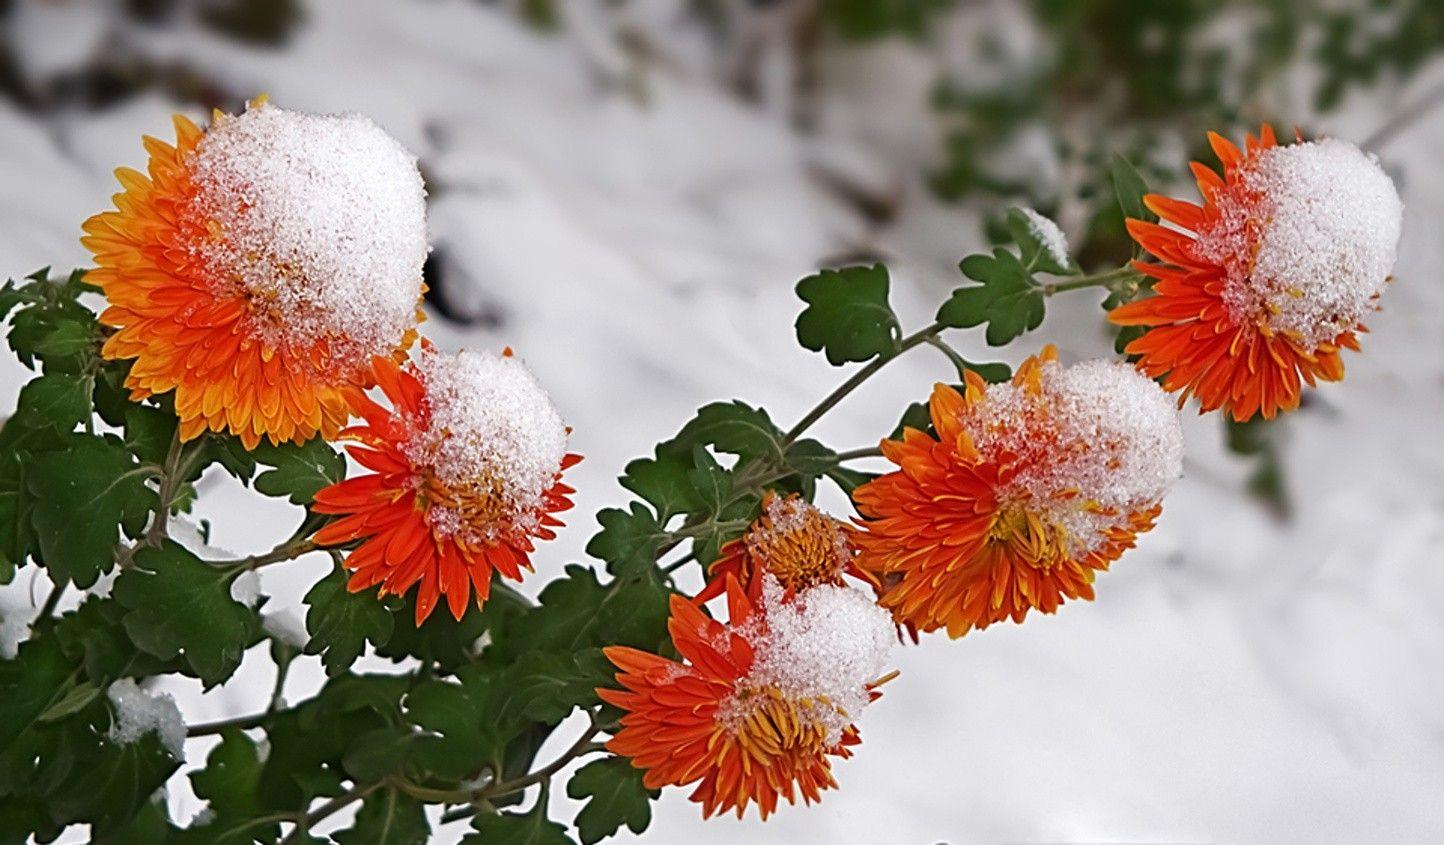 Cute St Patricks Day Wallpaper Winter Flowers Wallpaper Hd Pixelstalk Net